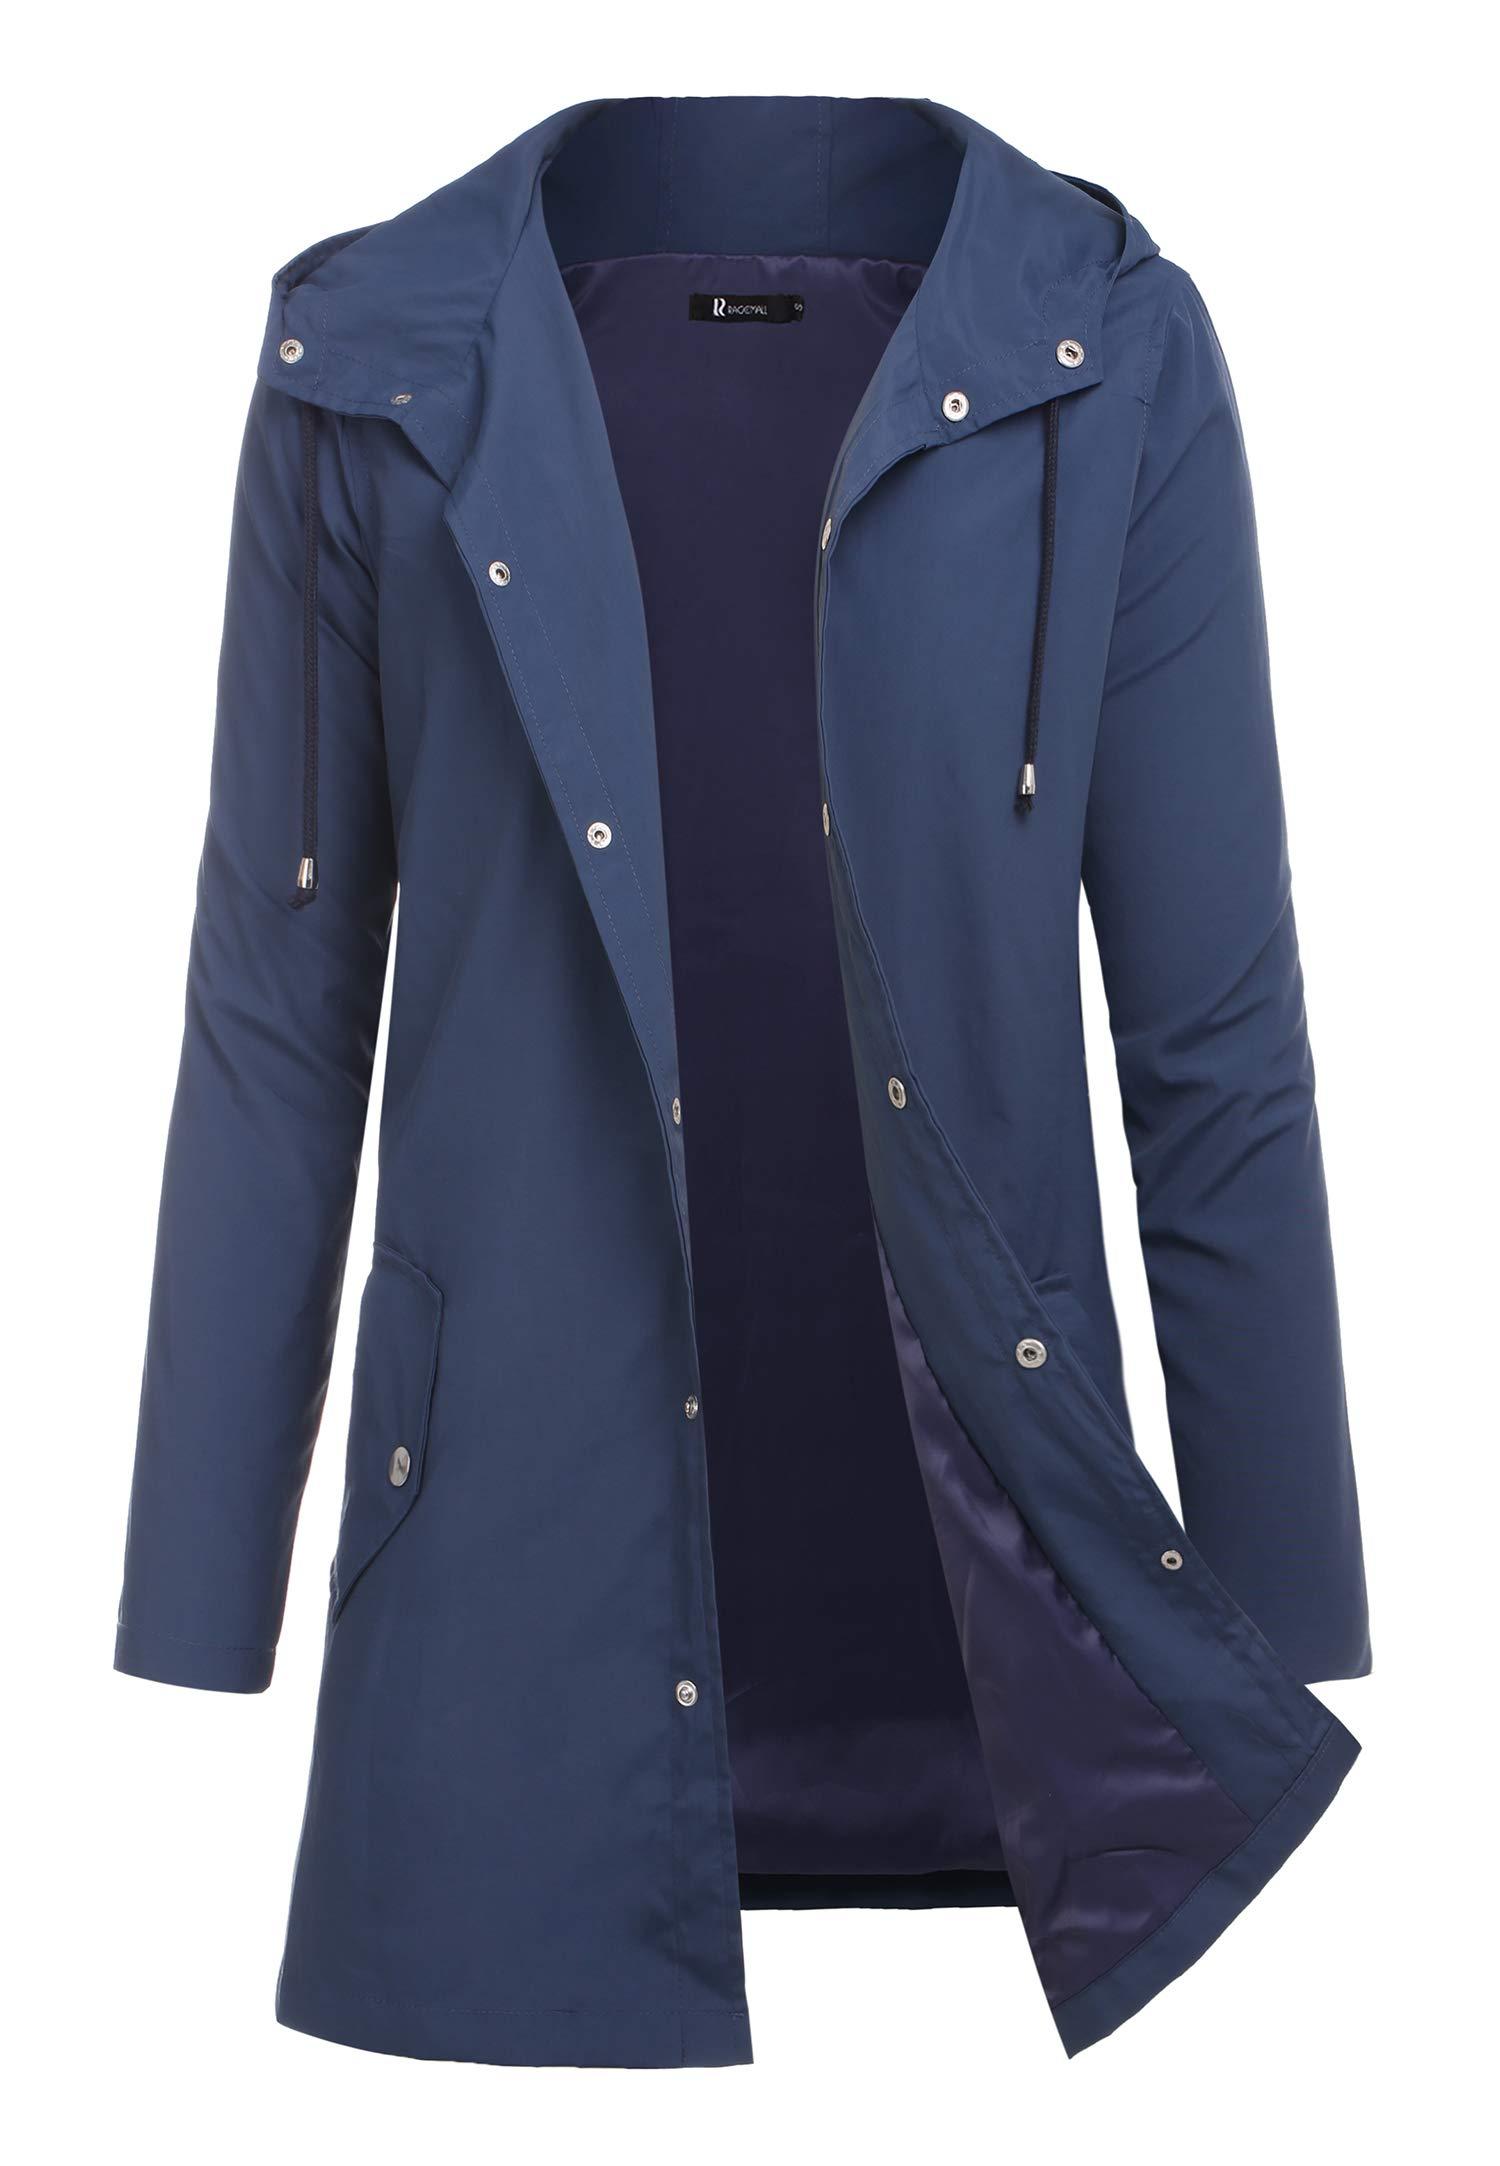 RAGEMALL Men Raincoats Waterproof Jacket with Hood Active Outdoor Long Windbreaker Lightweight Rain Jacket for Men